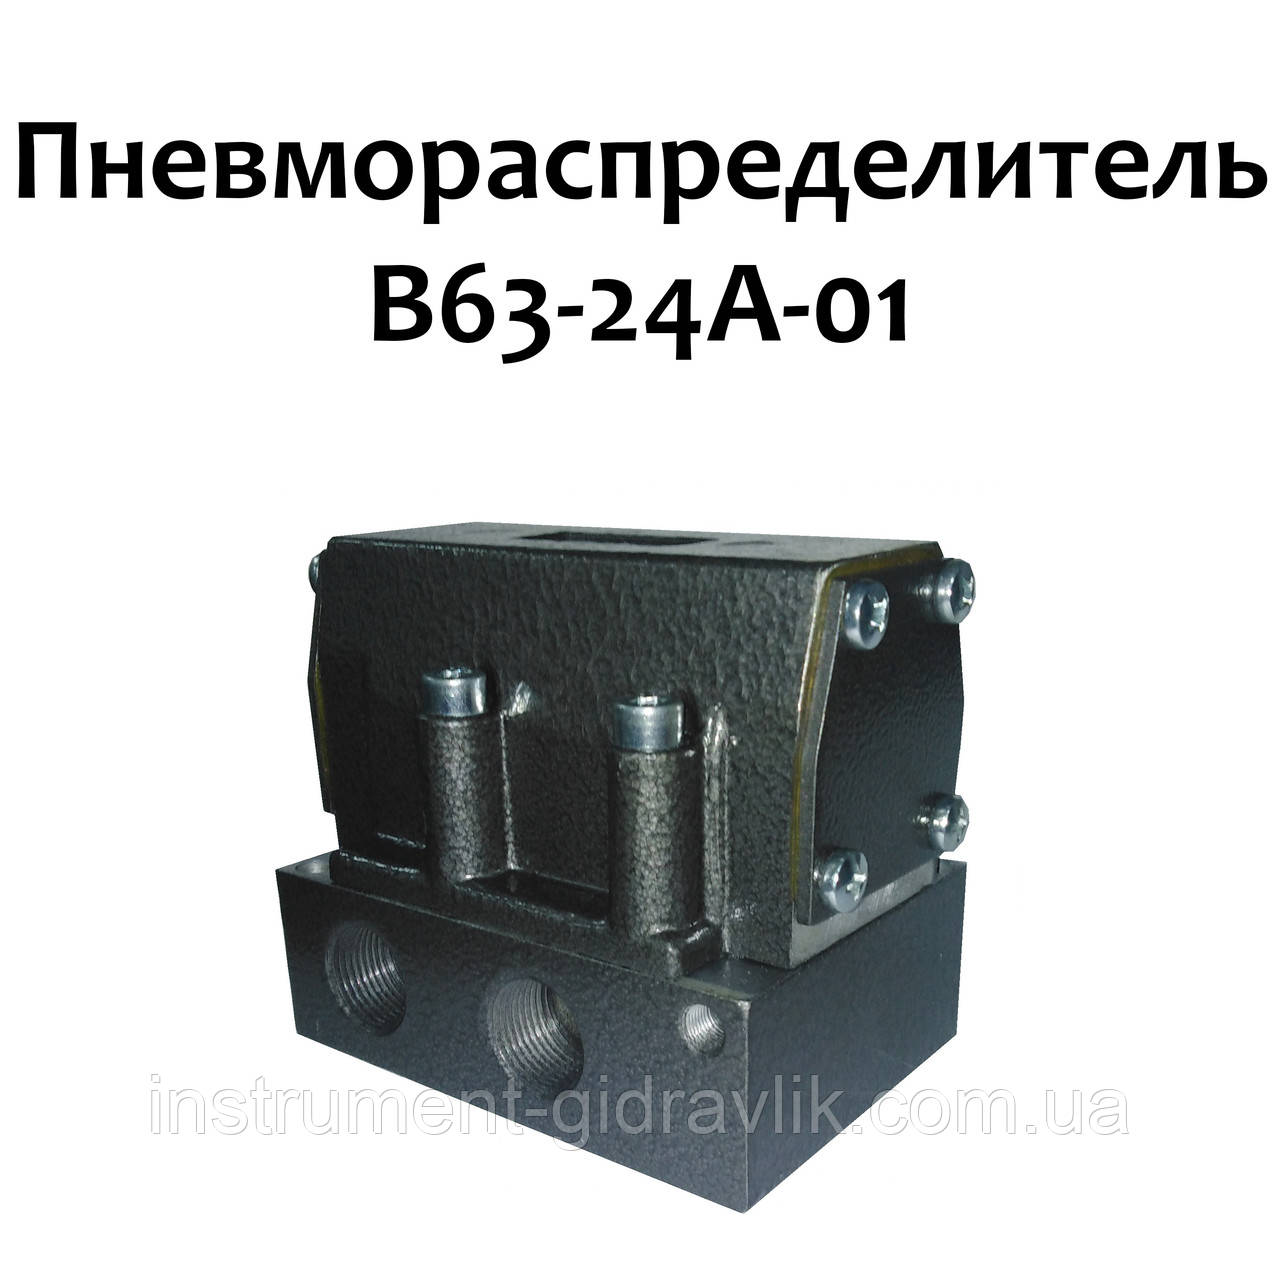 Пневмораспределитель В63-24А-01